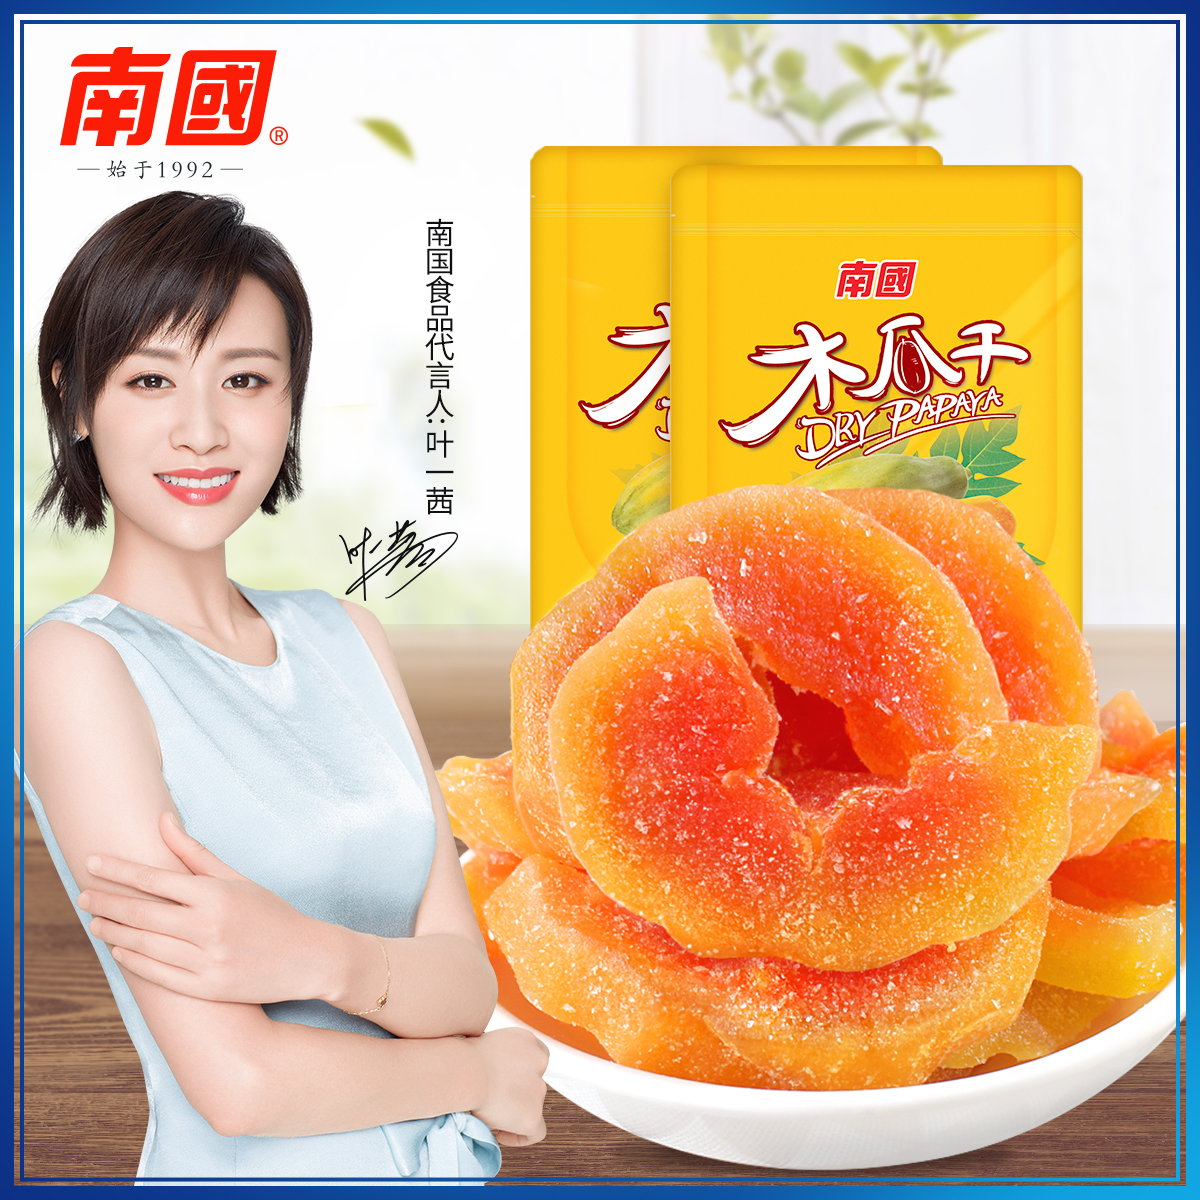 南国食品 海南特产 木瓜干116gx2袋装鲜嫩木瓜肉木瓜片网红零食